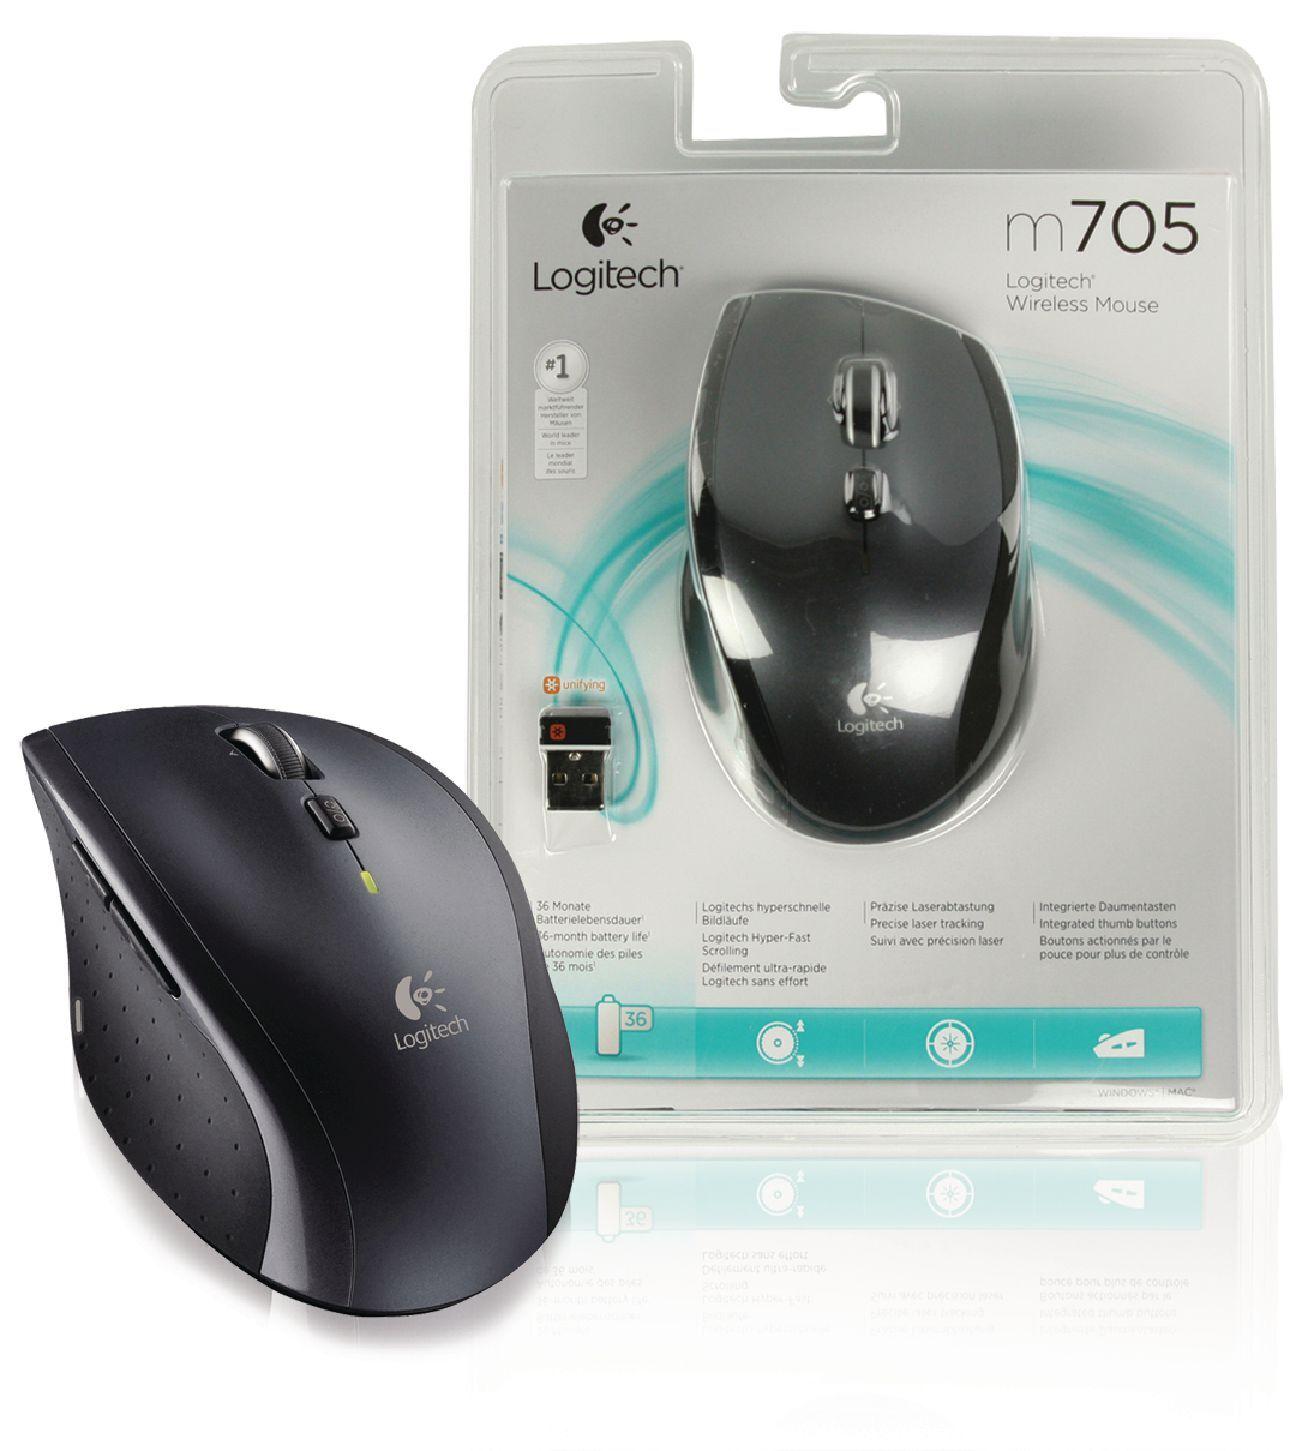 Logitech M705 langaton hiiri hopea